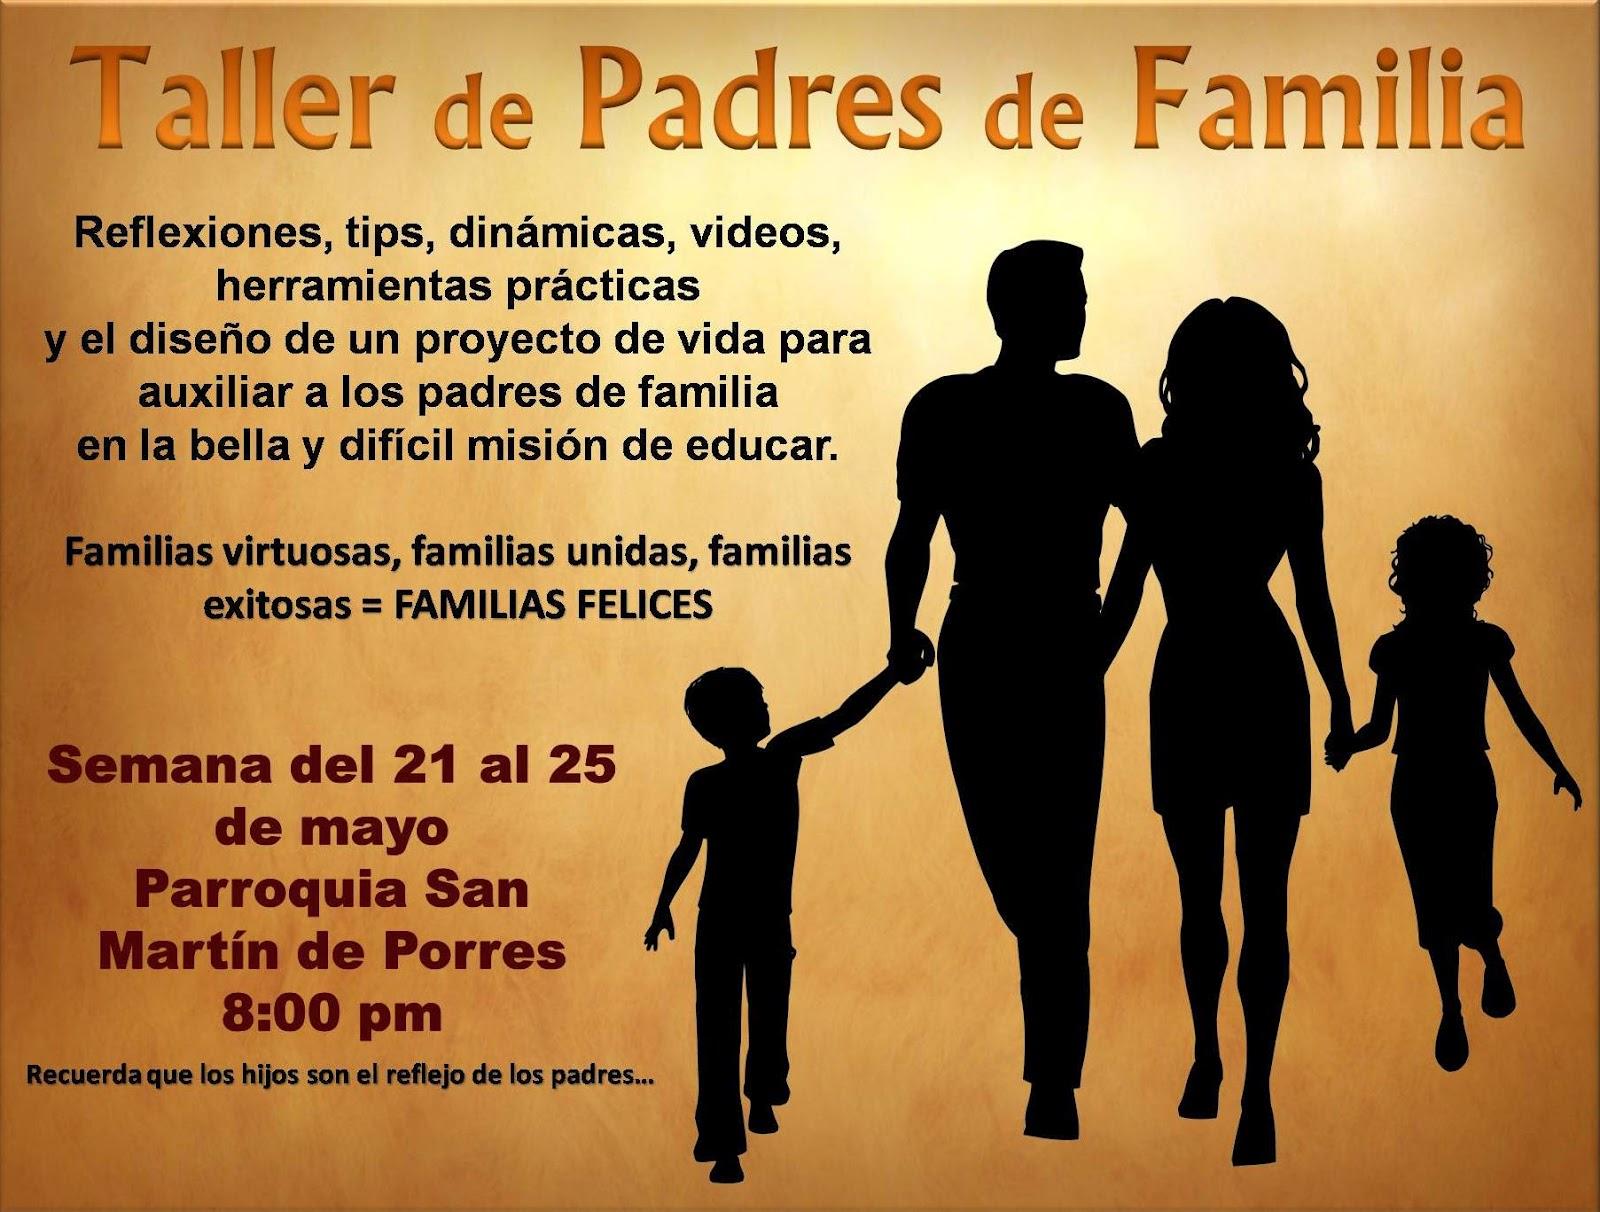 taller sobre la familia parroquia san mart n de porres taller para padres de familia